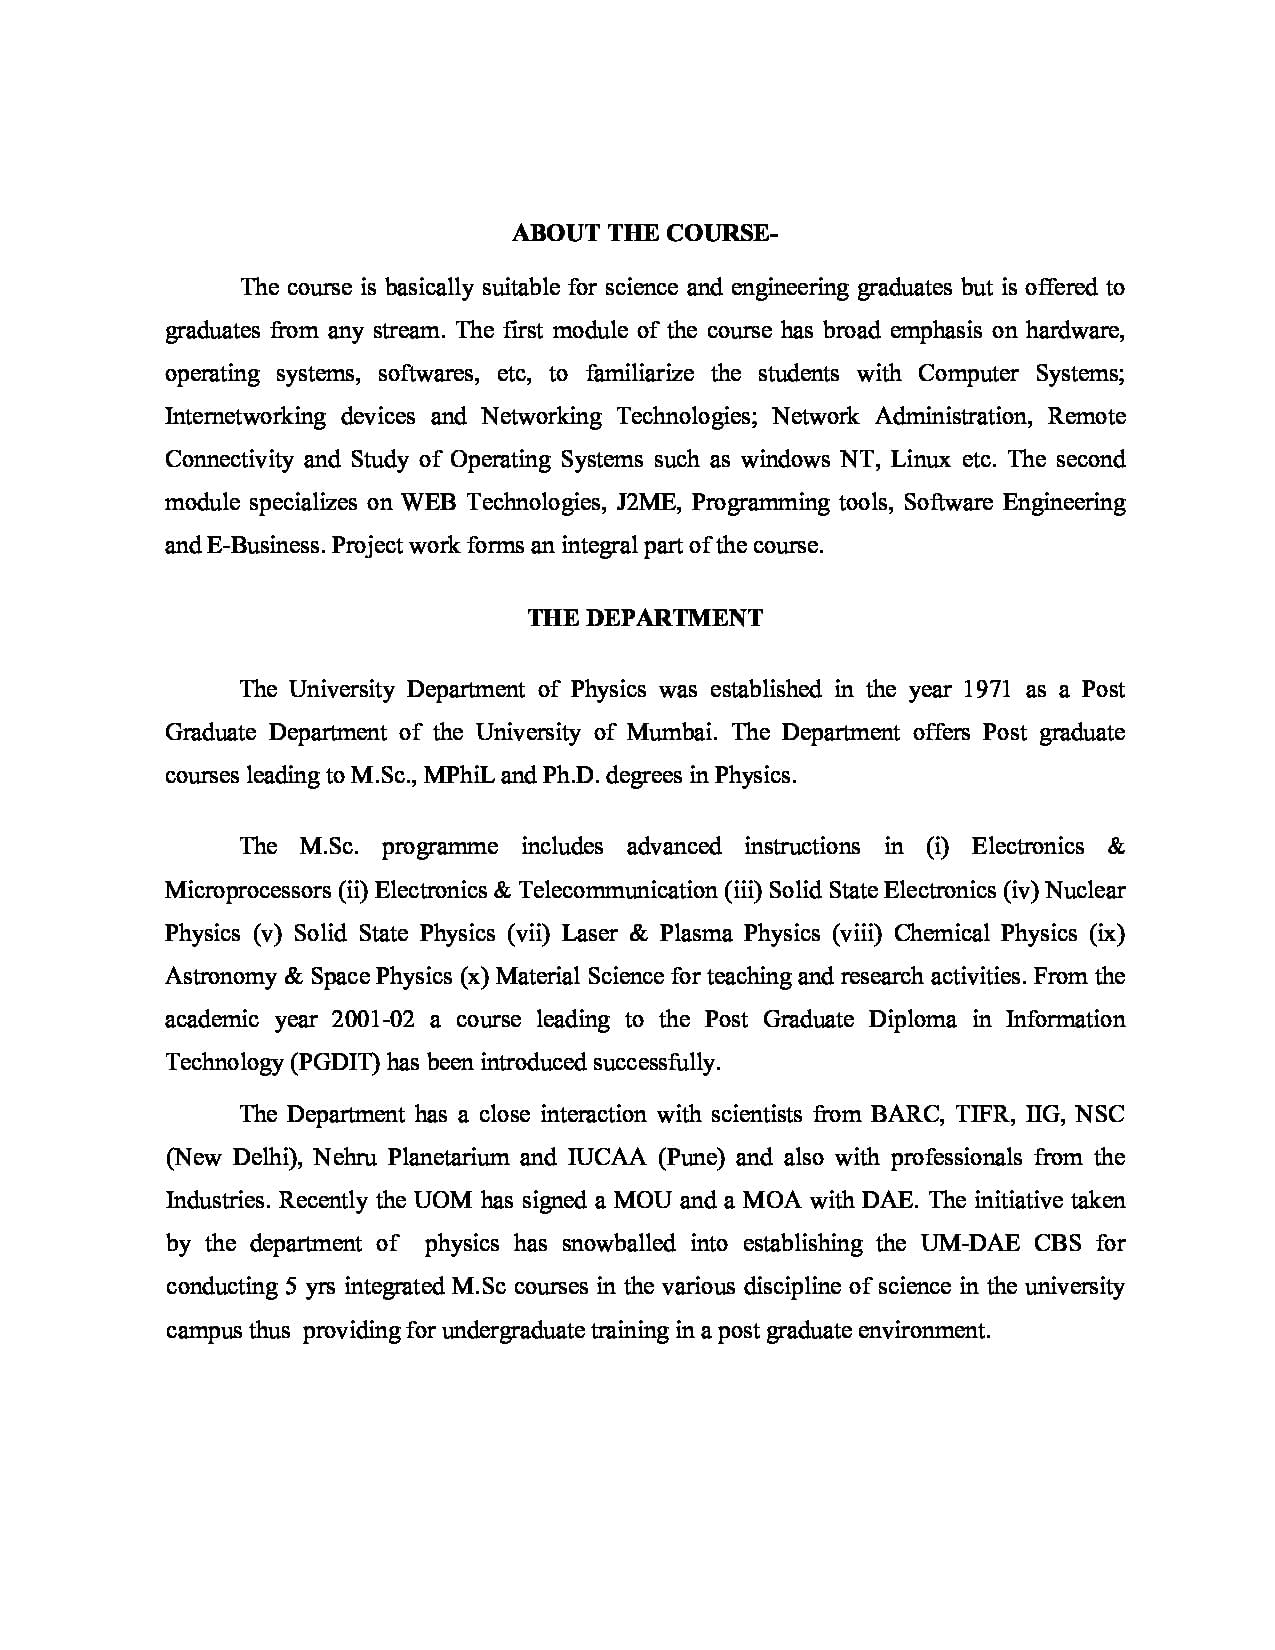 University of mumbai mumbai admissions contact website 2016information malvernweather Choice Image